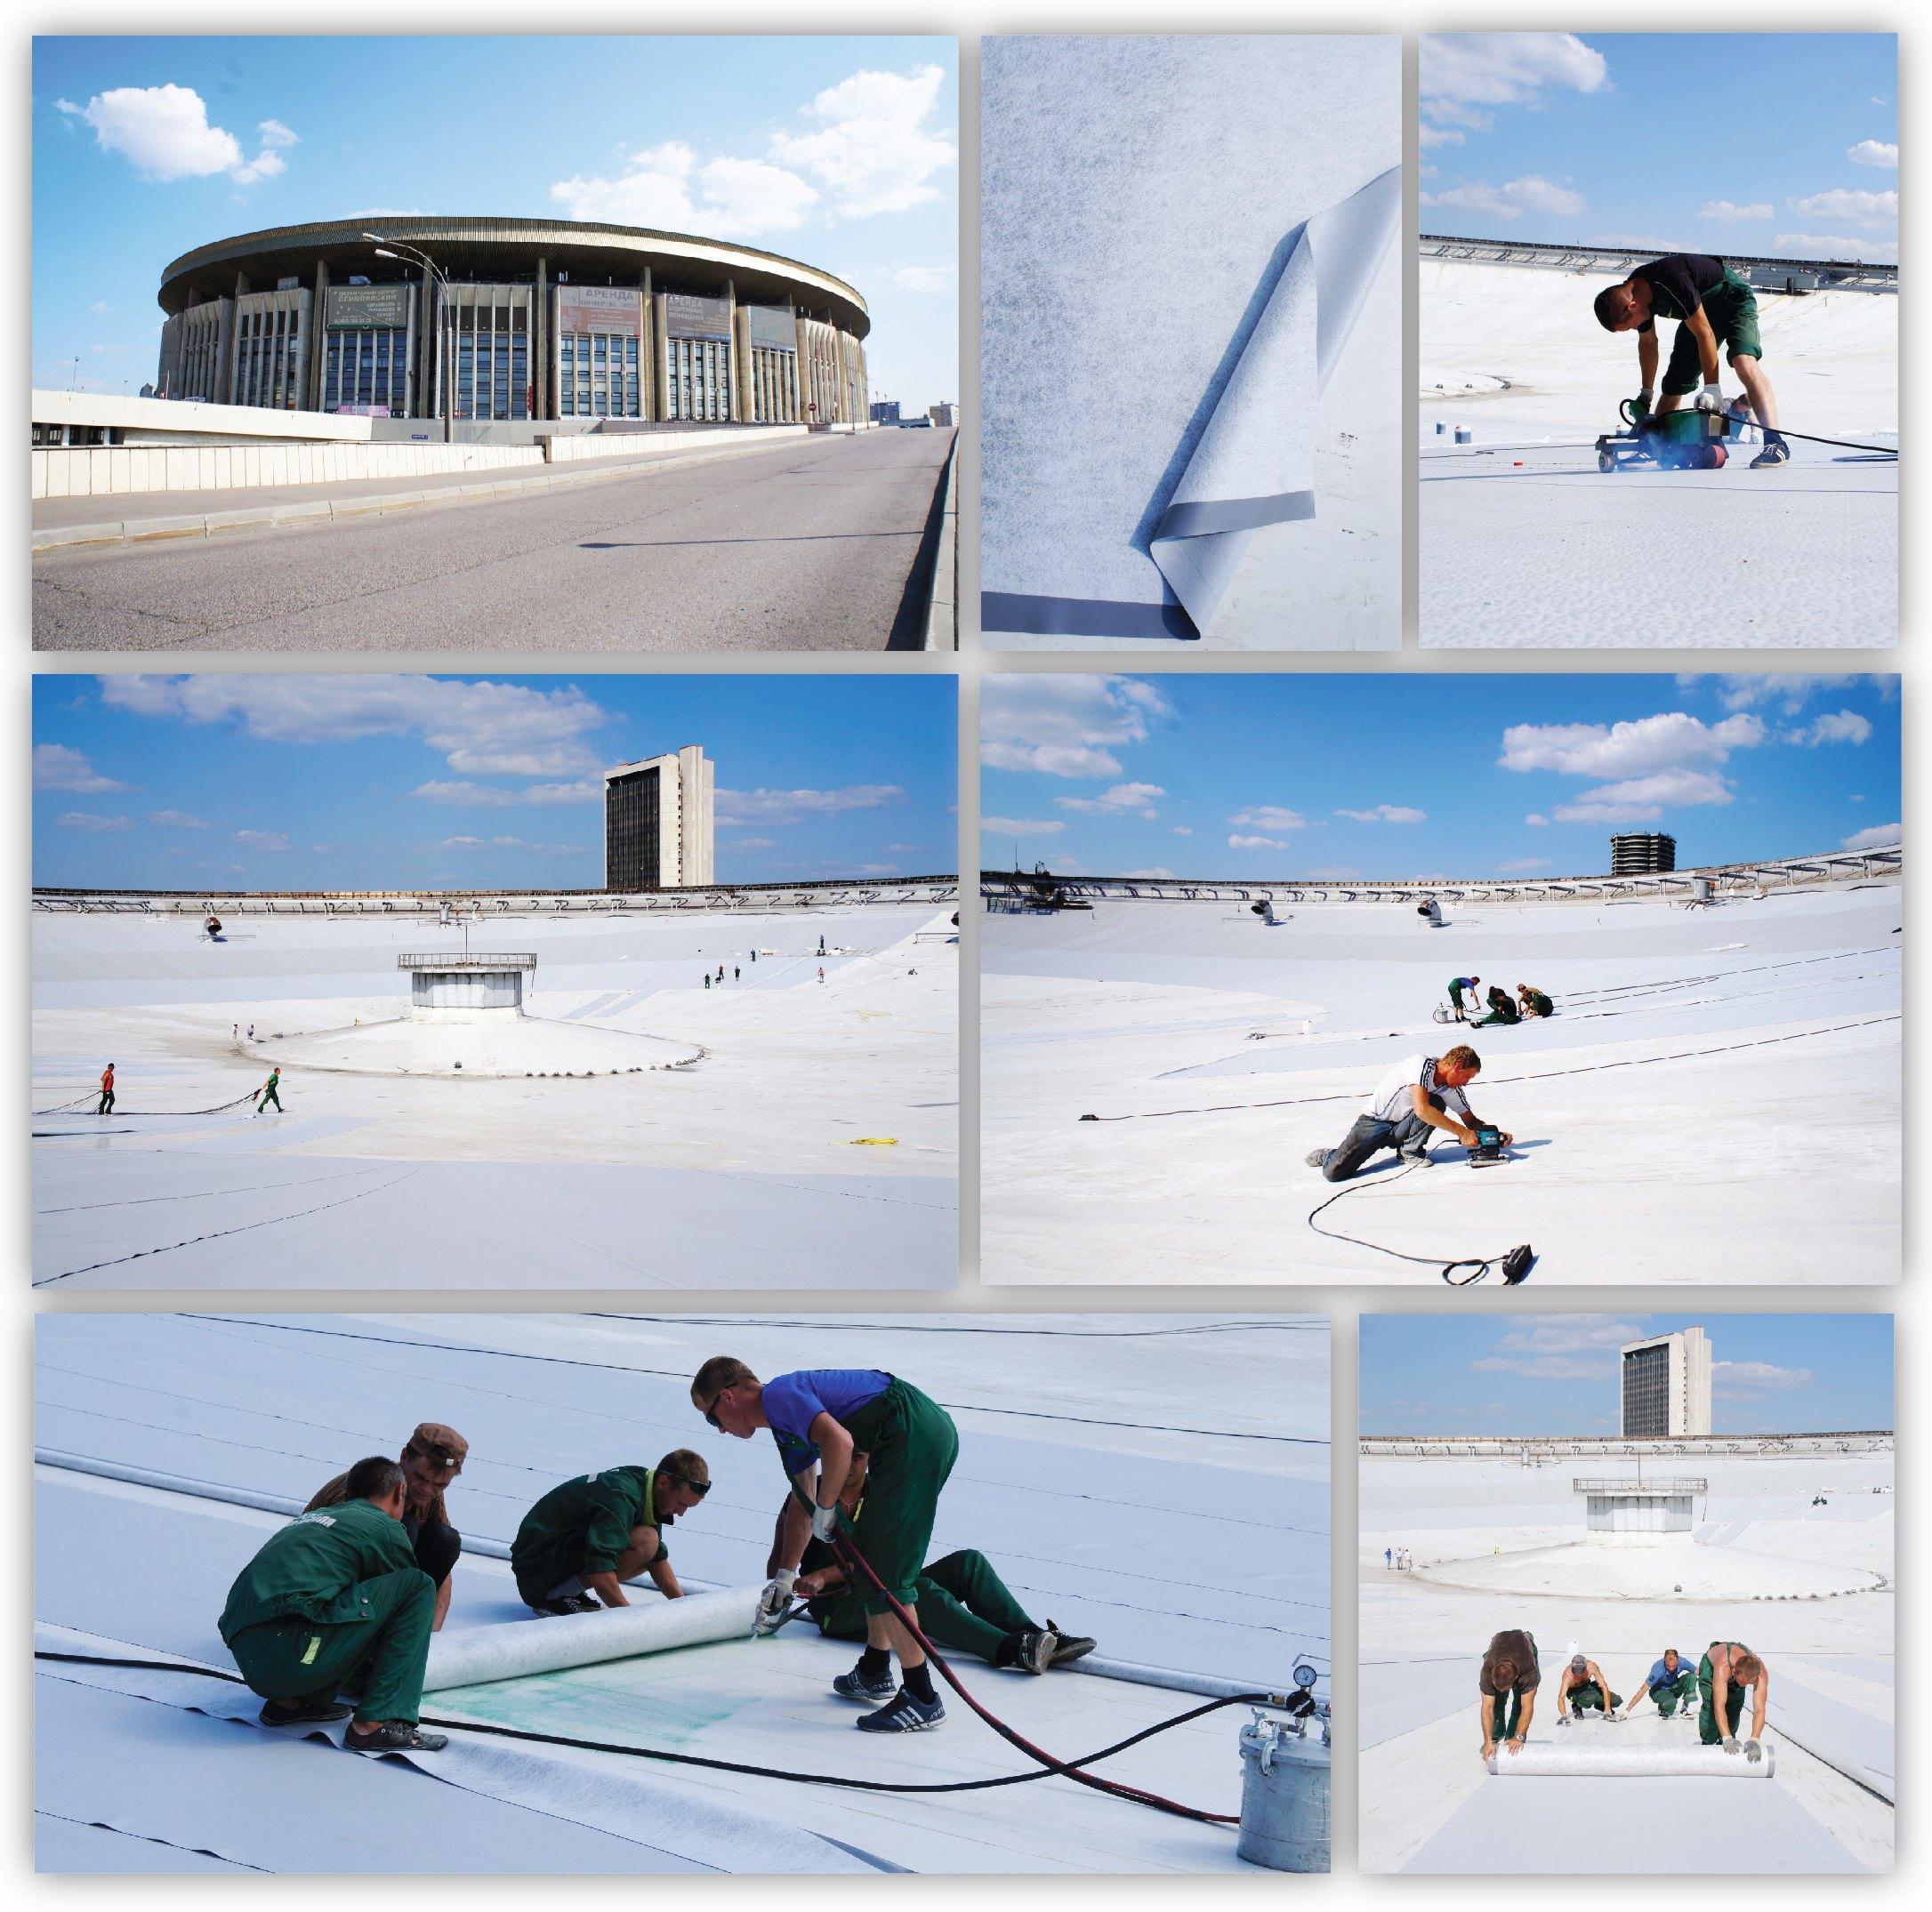 Корпорация ТехноНИКОЛЬ выпустила специальную партию мембраны LOGICROOF для реконструкции СК «Олимпийский».